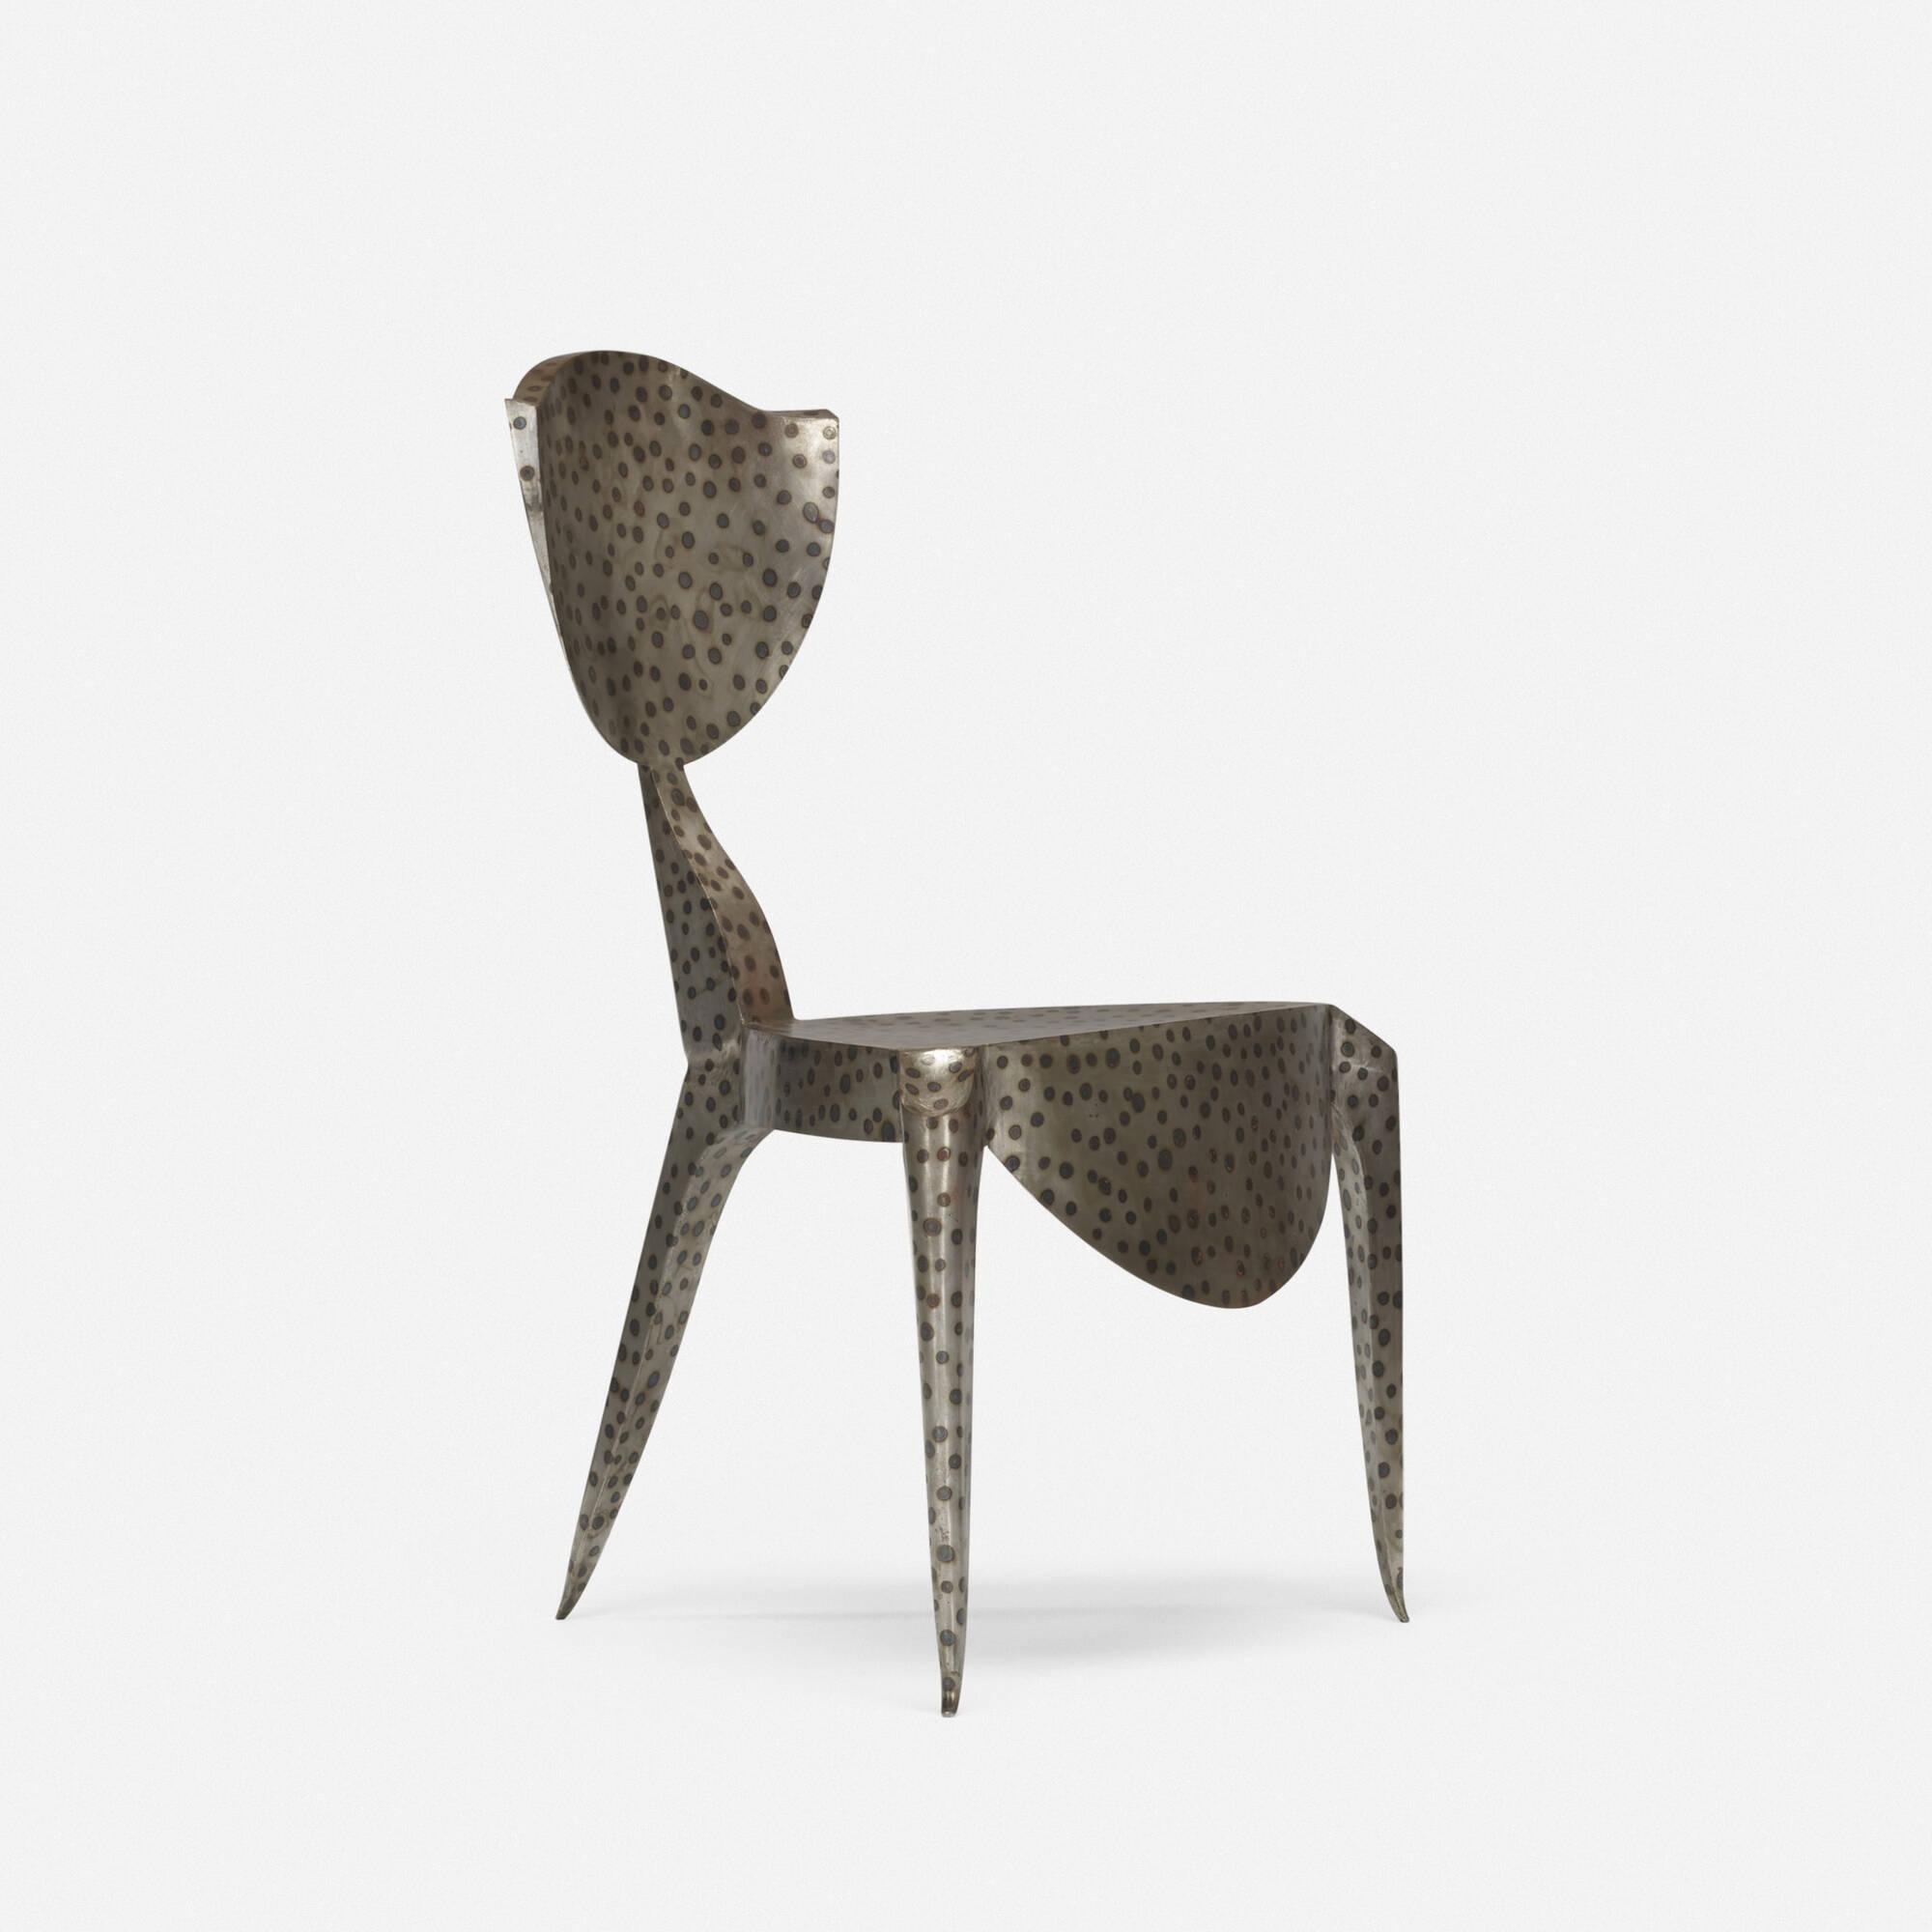 381: André Dubreuil / Paris chair (3 of 3)